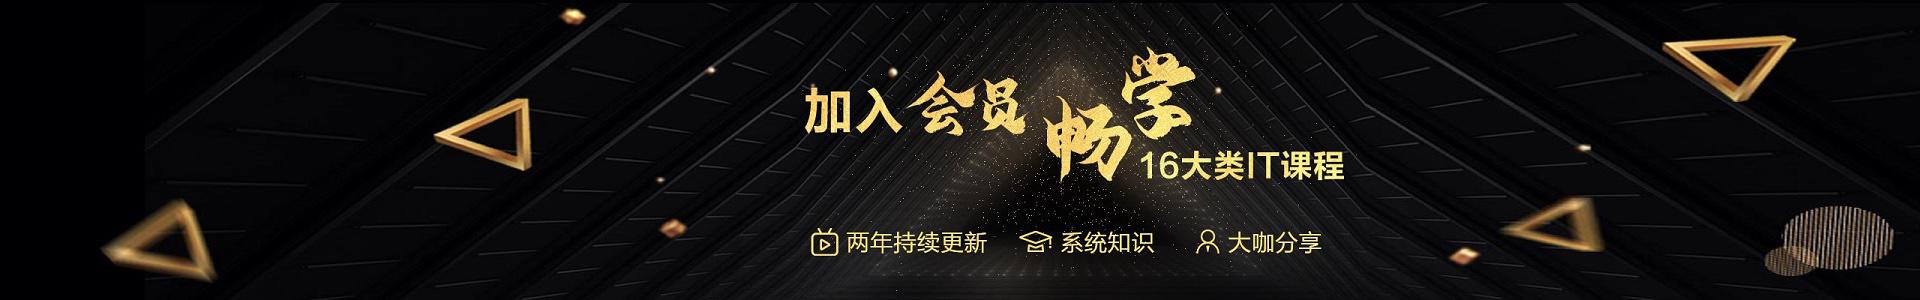 南昌中公優軟件測試培訓機構